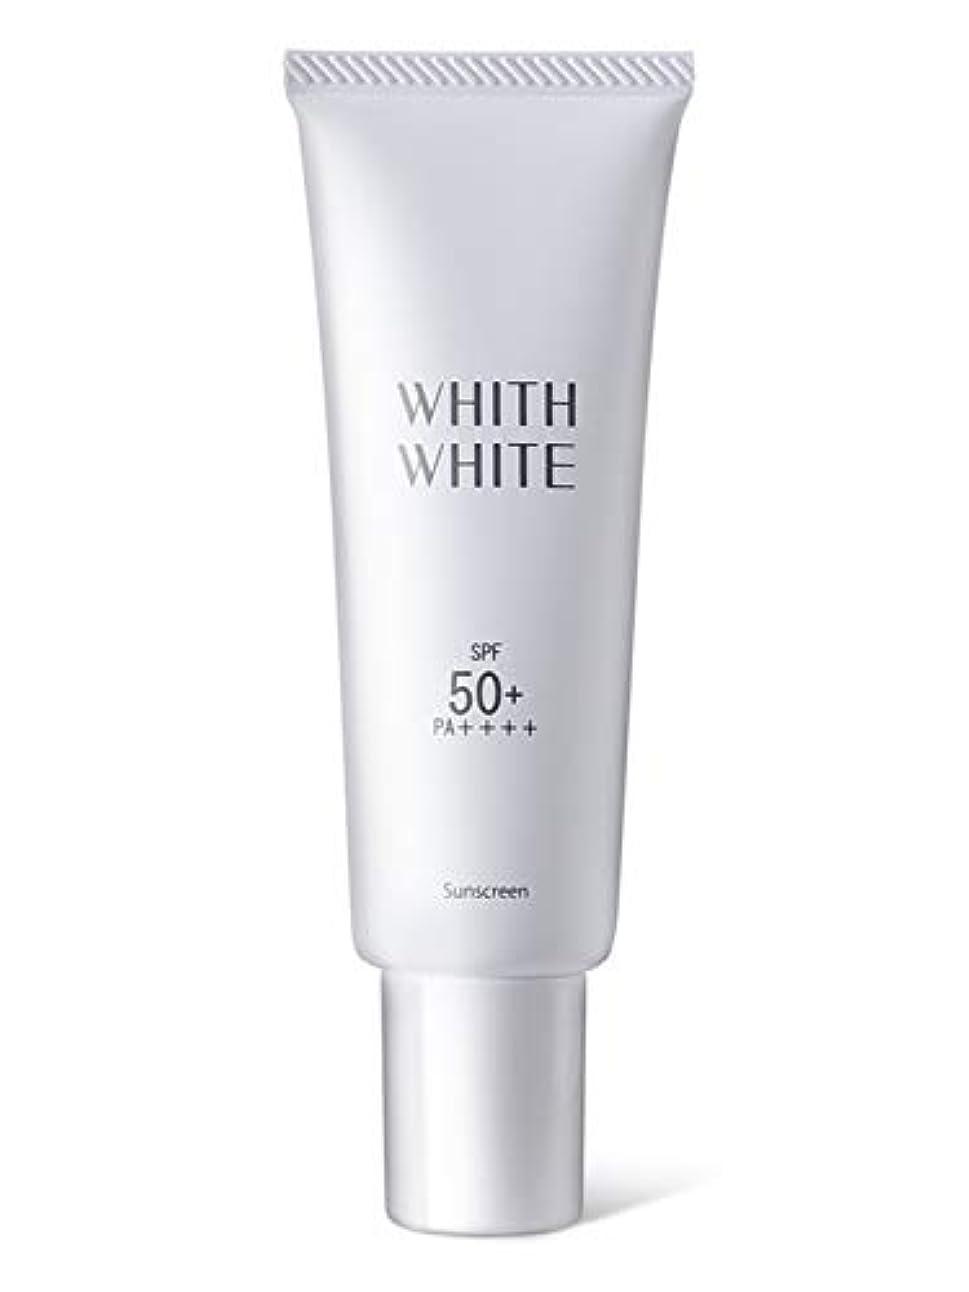 対象ビタミン見捨てられた【UVケア SPF50 + PA ++++ 】 フィス ホワイト 日焼け止め クリーム 「 コラーゲン ヒアルロン酸 配合」50g